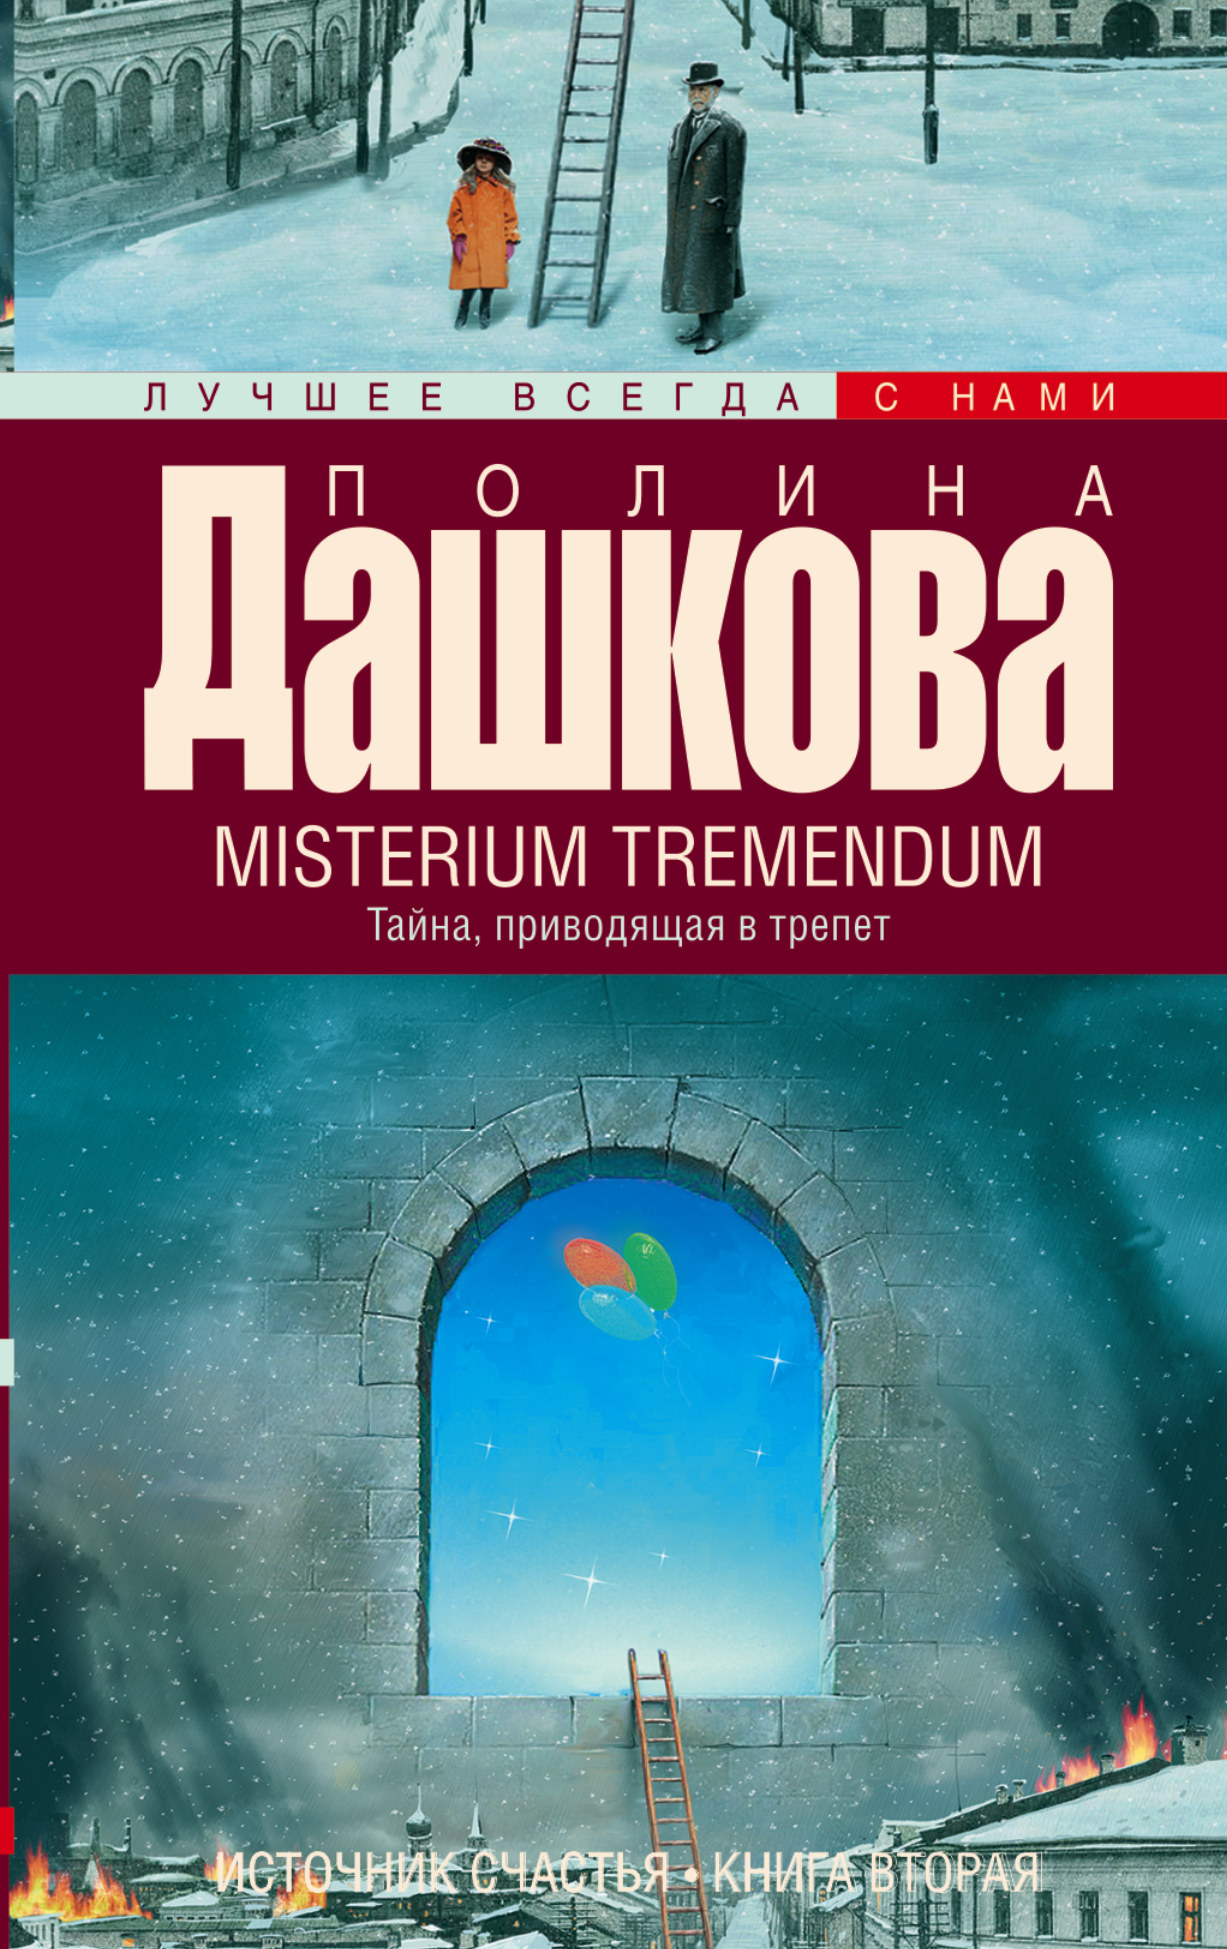 Дашкова П.В. Источник счастья. Кн. 2. Misterium Tremendum. Тайна, приводящая в трепет источник счастья книга 2 misterium tremendum тайна